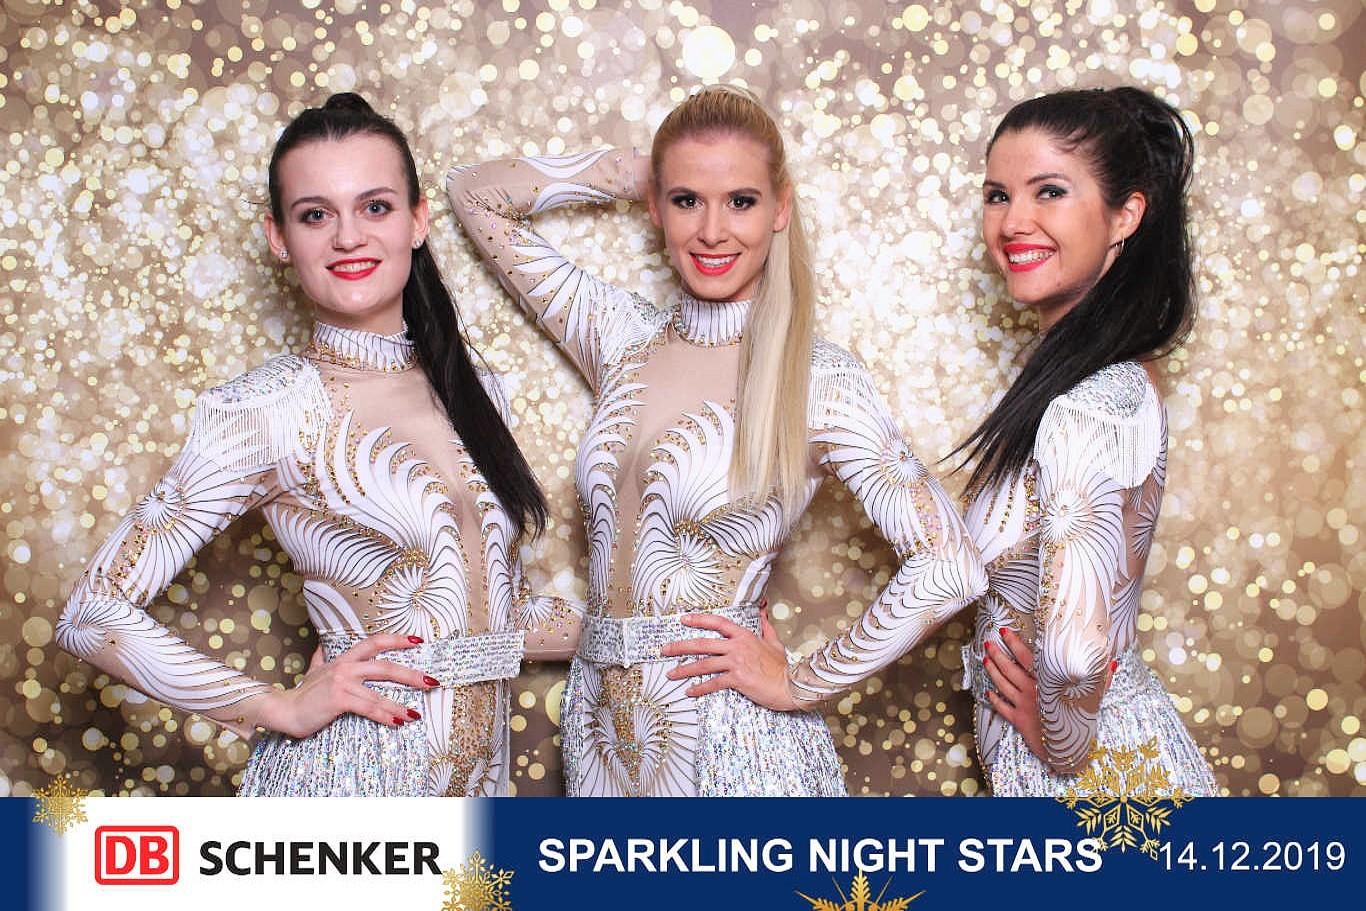 Sparkling night stars